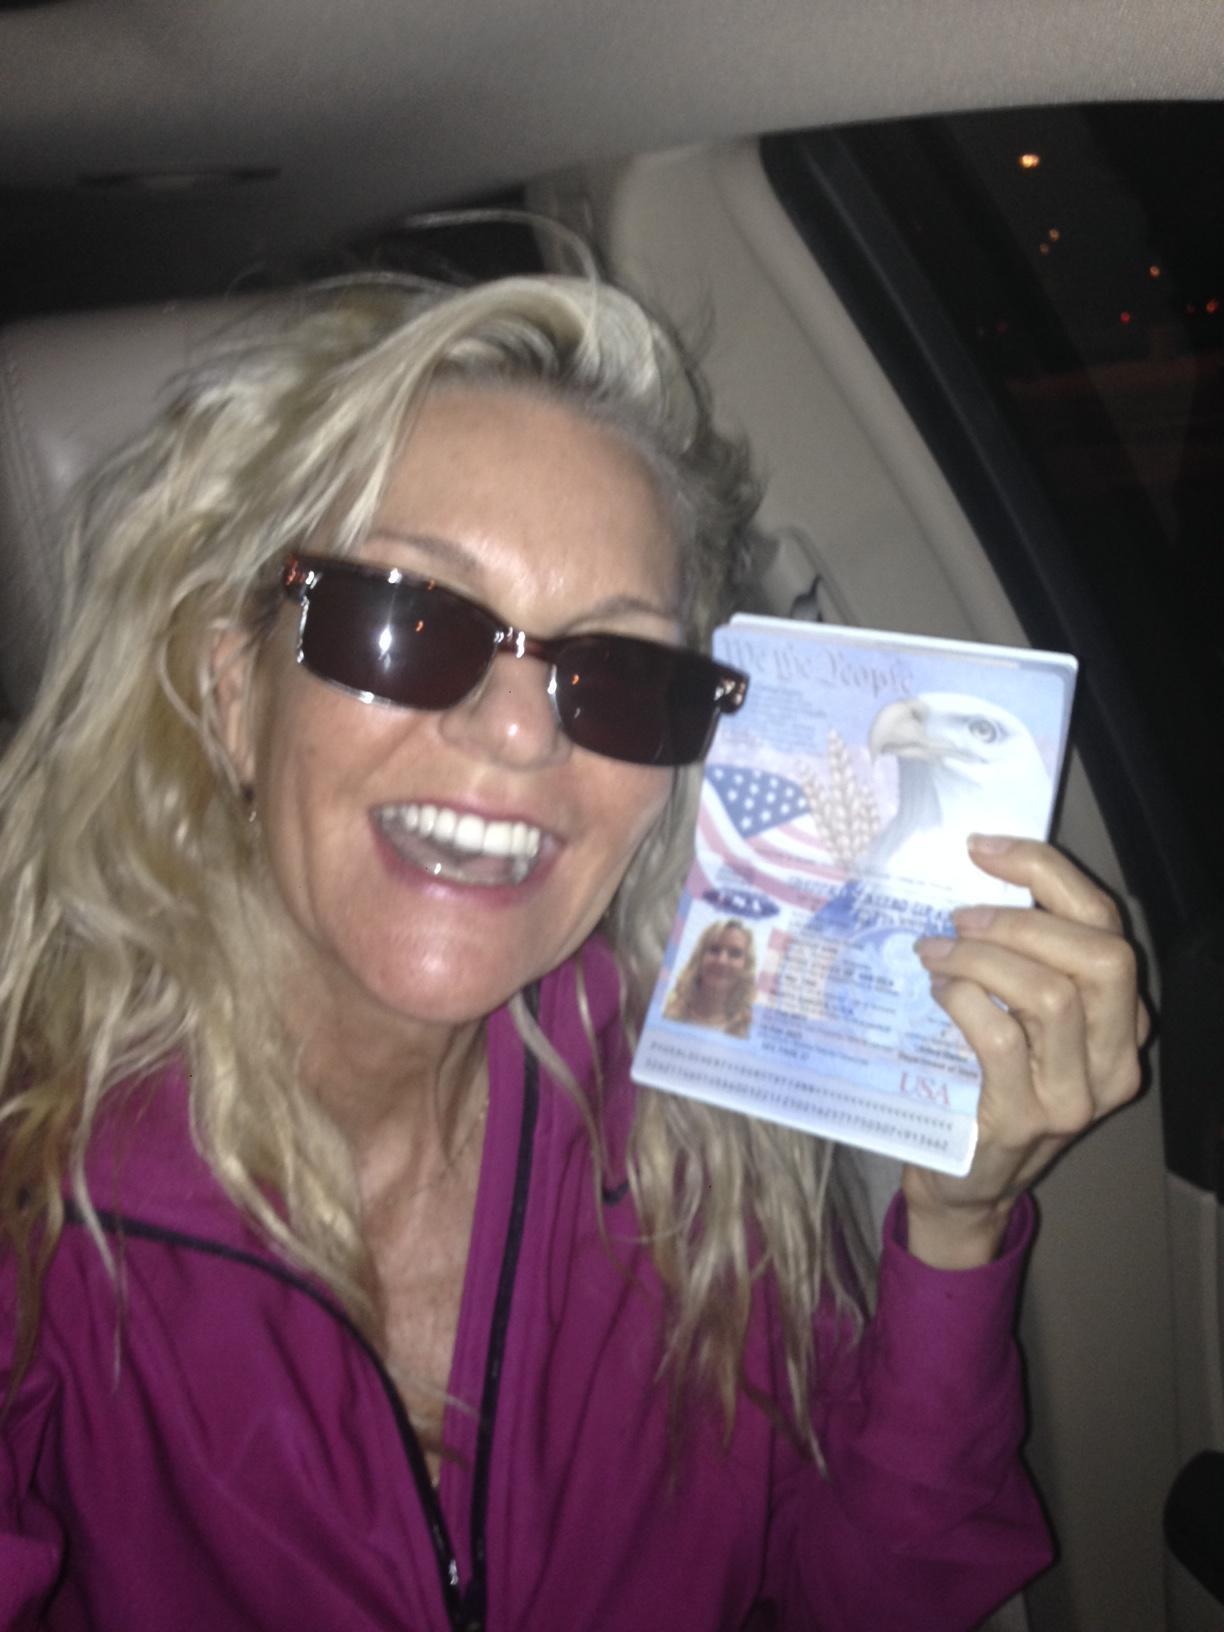 Rush My Passport image 2